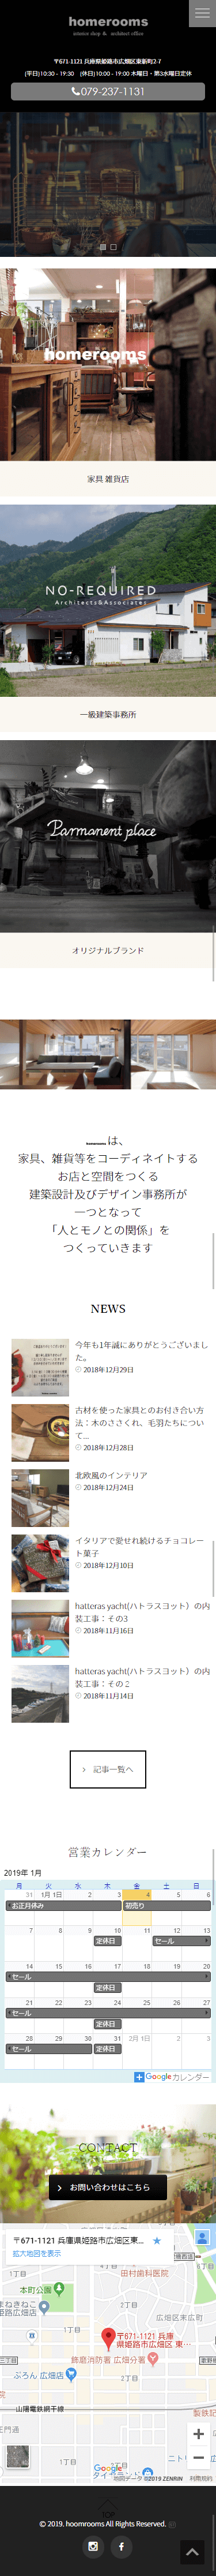 姫路 家具・雑貨屋 homerooms ホームページ制作3